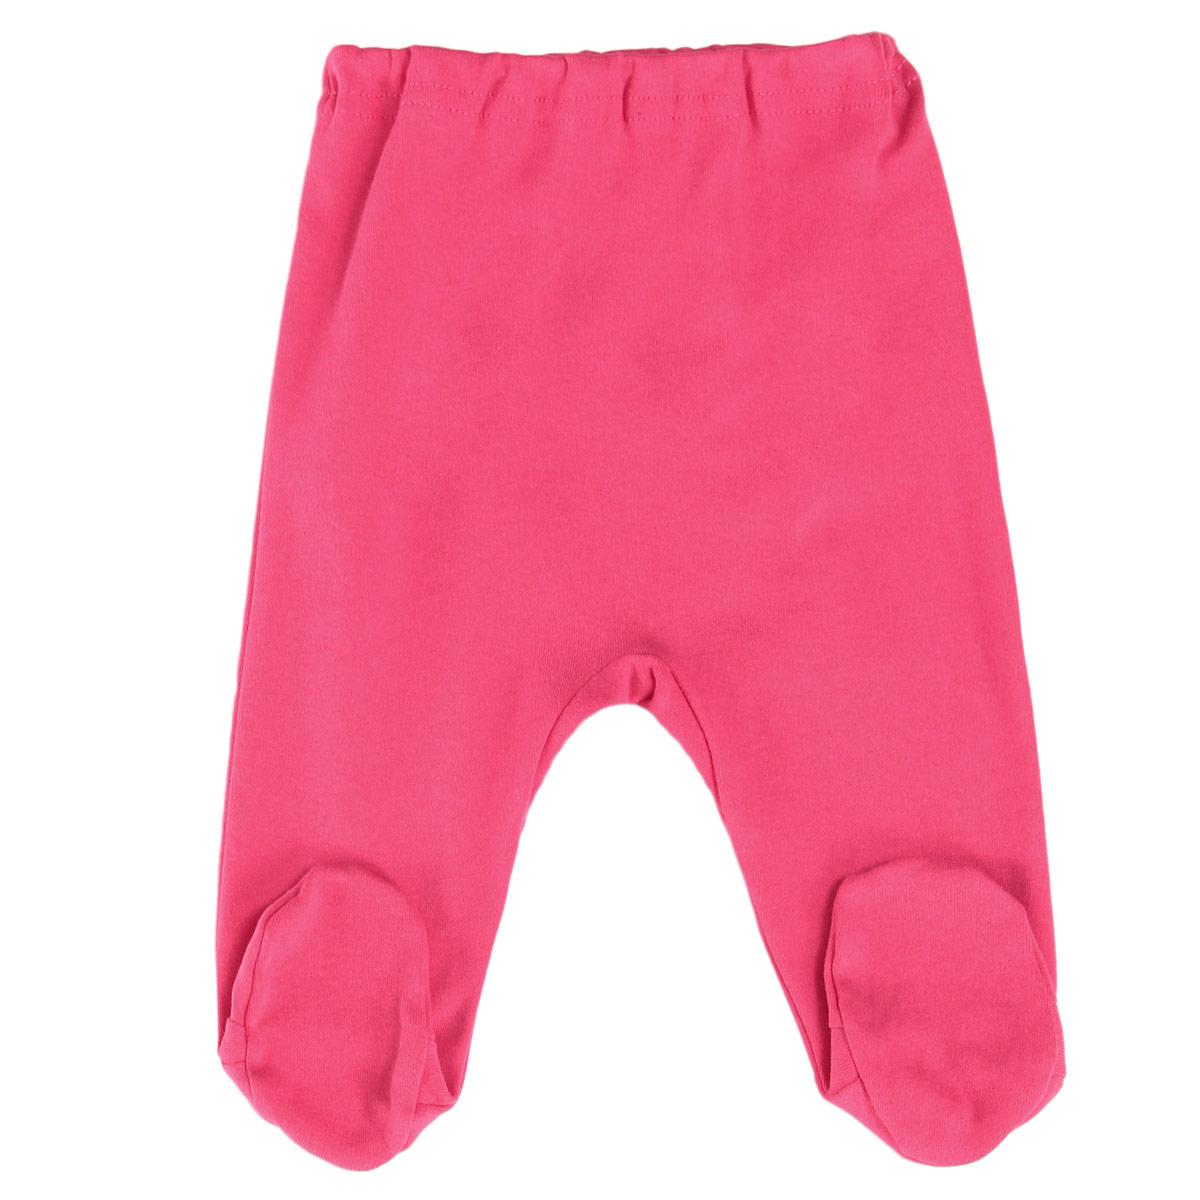 Ползунки для девочки КотМарКот, цвет: ярко-розовый. 3545. Размер 623545Ползунки для девочки КотМарКот послужат идеальным дополнением к гардеробу вашей малышки, обеспечивая ей наибольший комфорт. Изготовленные из интерлока (натурального хлопка), они необычайно мягкие и легкие, не раздражают нежную кожу и хорошо вентилируются, а эластичные швы приятны телу ребенка. Однотонные ползунки с закрытыми ножками на талии имеют эластичную резинку, благодаря чему не сдавливают животик малышки и не сползают. Они идеально подходят для ношения с подгузником.Ползунки полностью соответствуют особенностям жизни крохи в ранний период, не стесняя и не ограничивая ее в движениях.